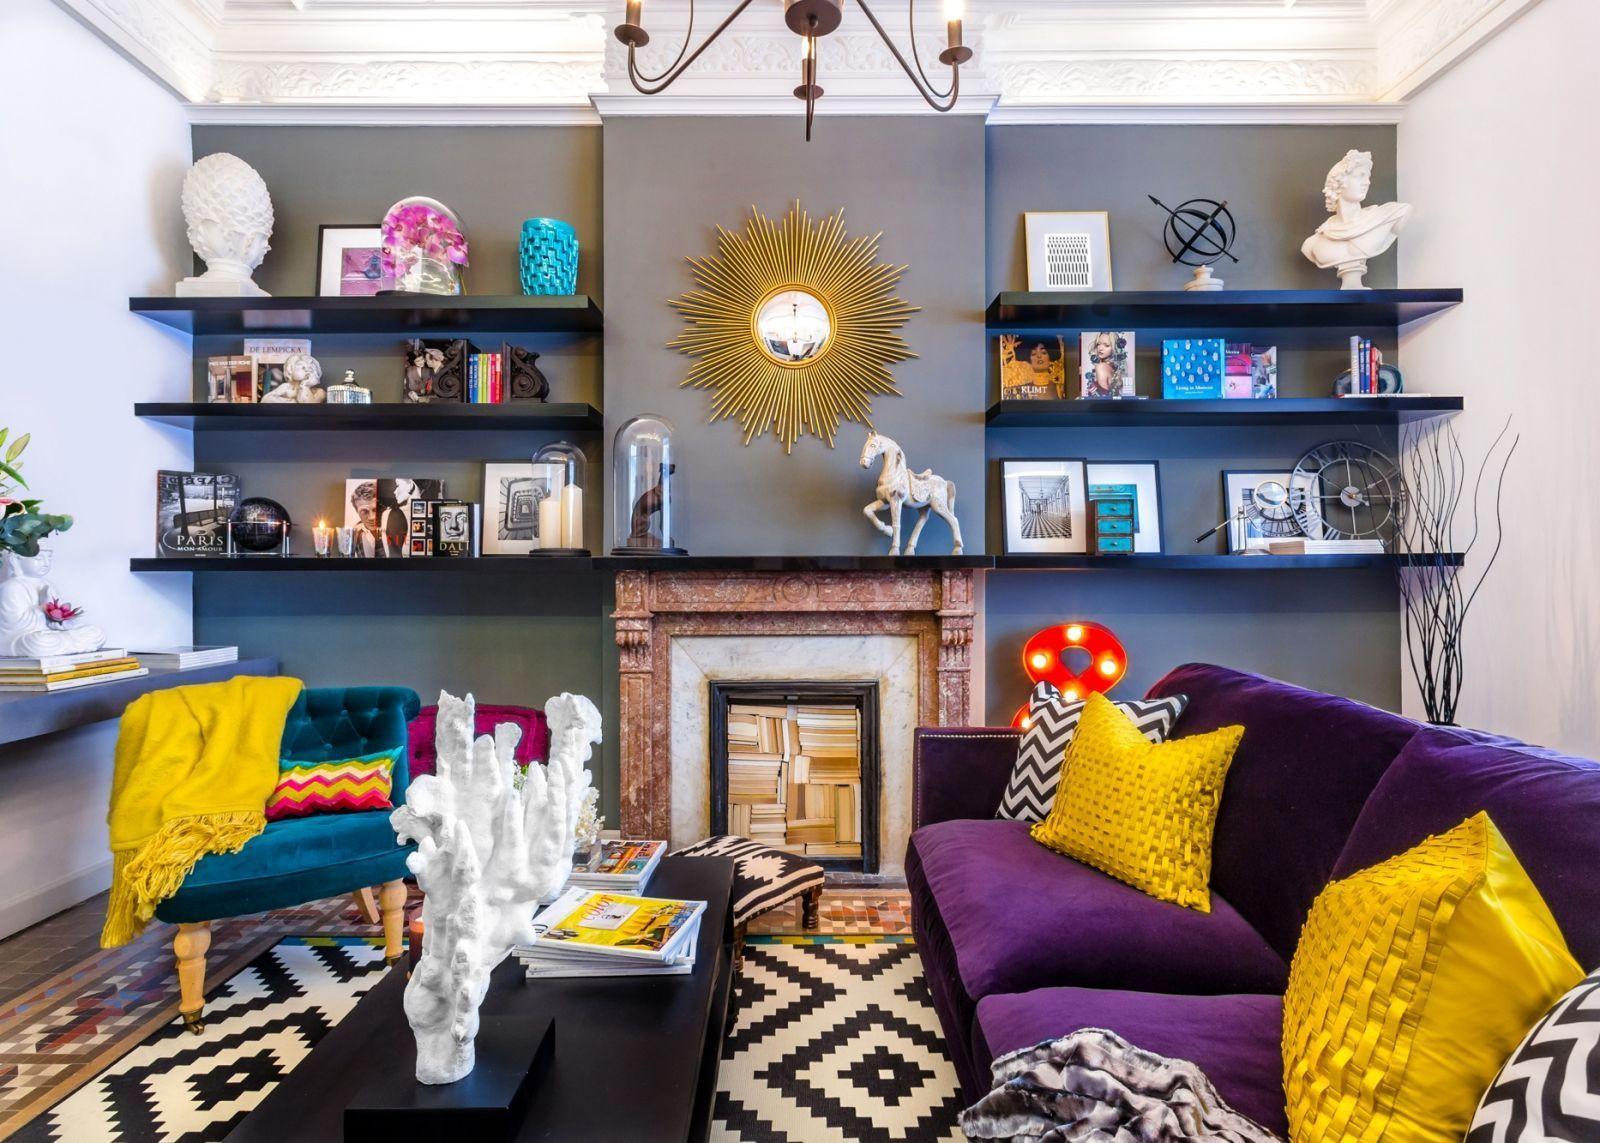 Фиолетовый диван с желтыми подушками